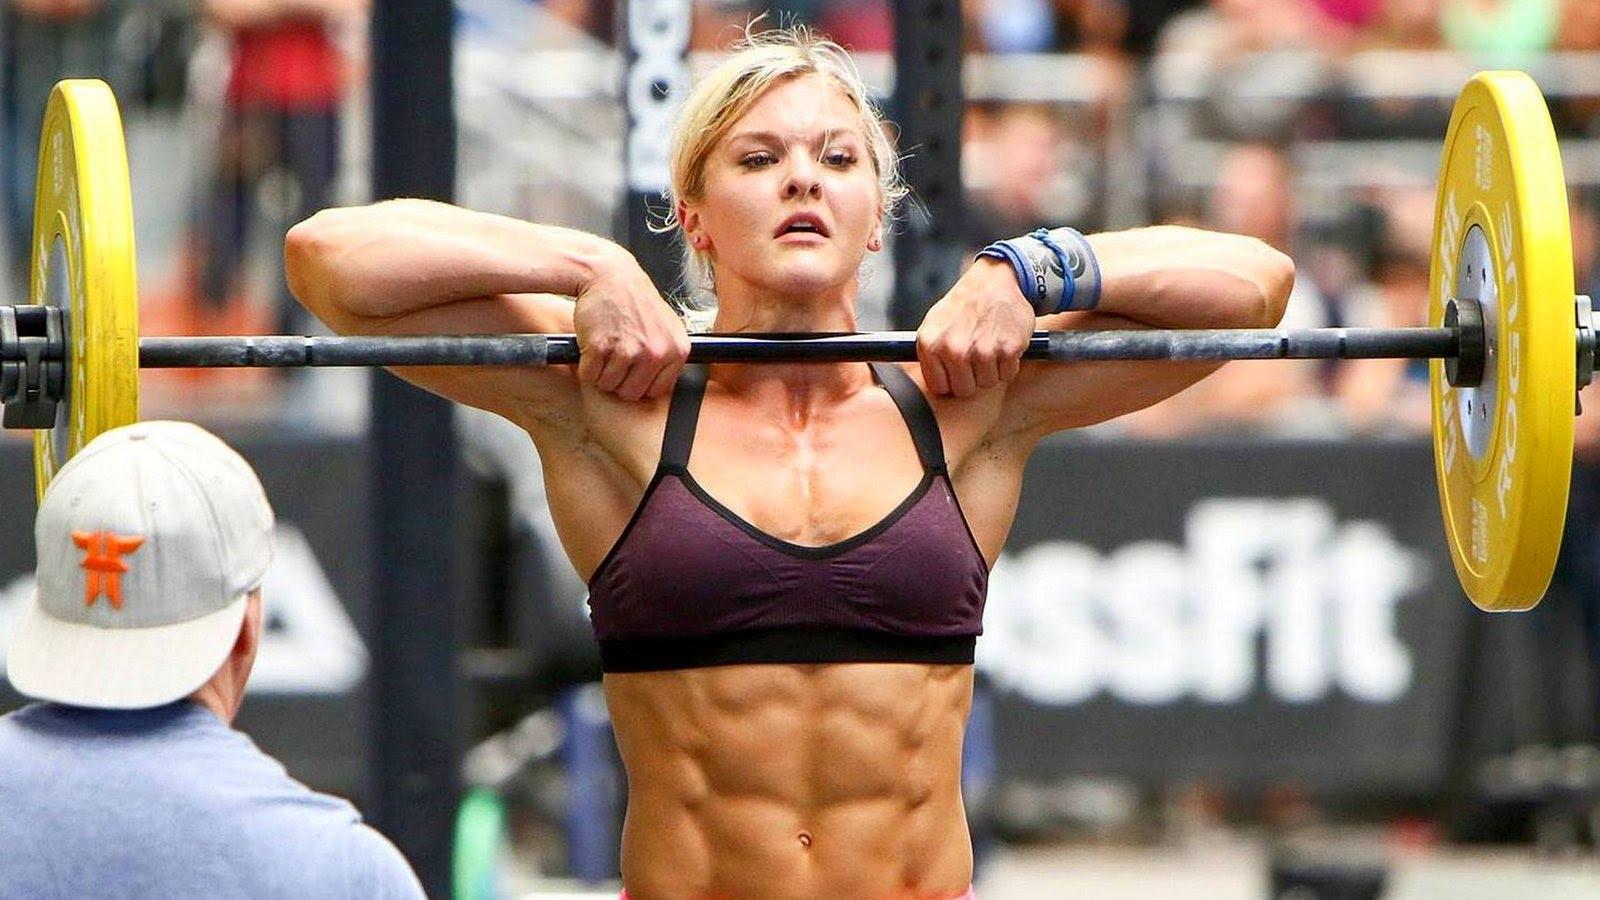 Crossfit hot females — 1